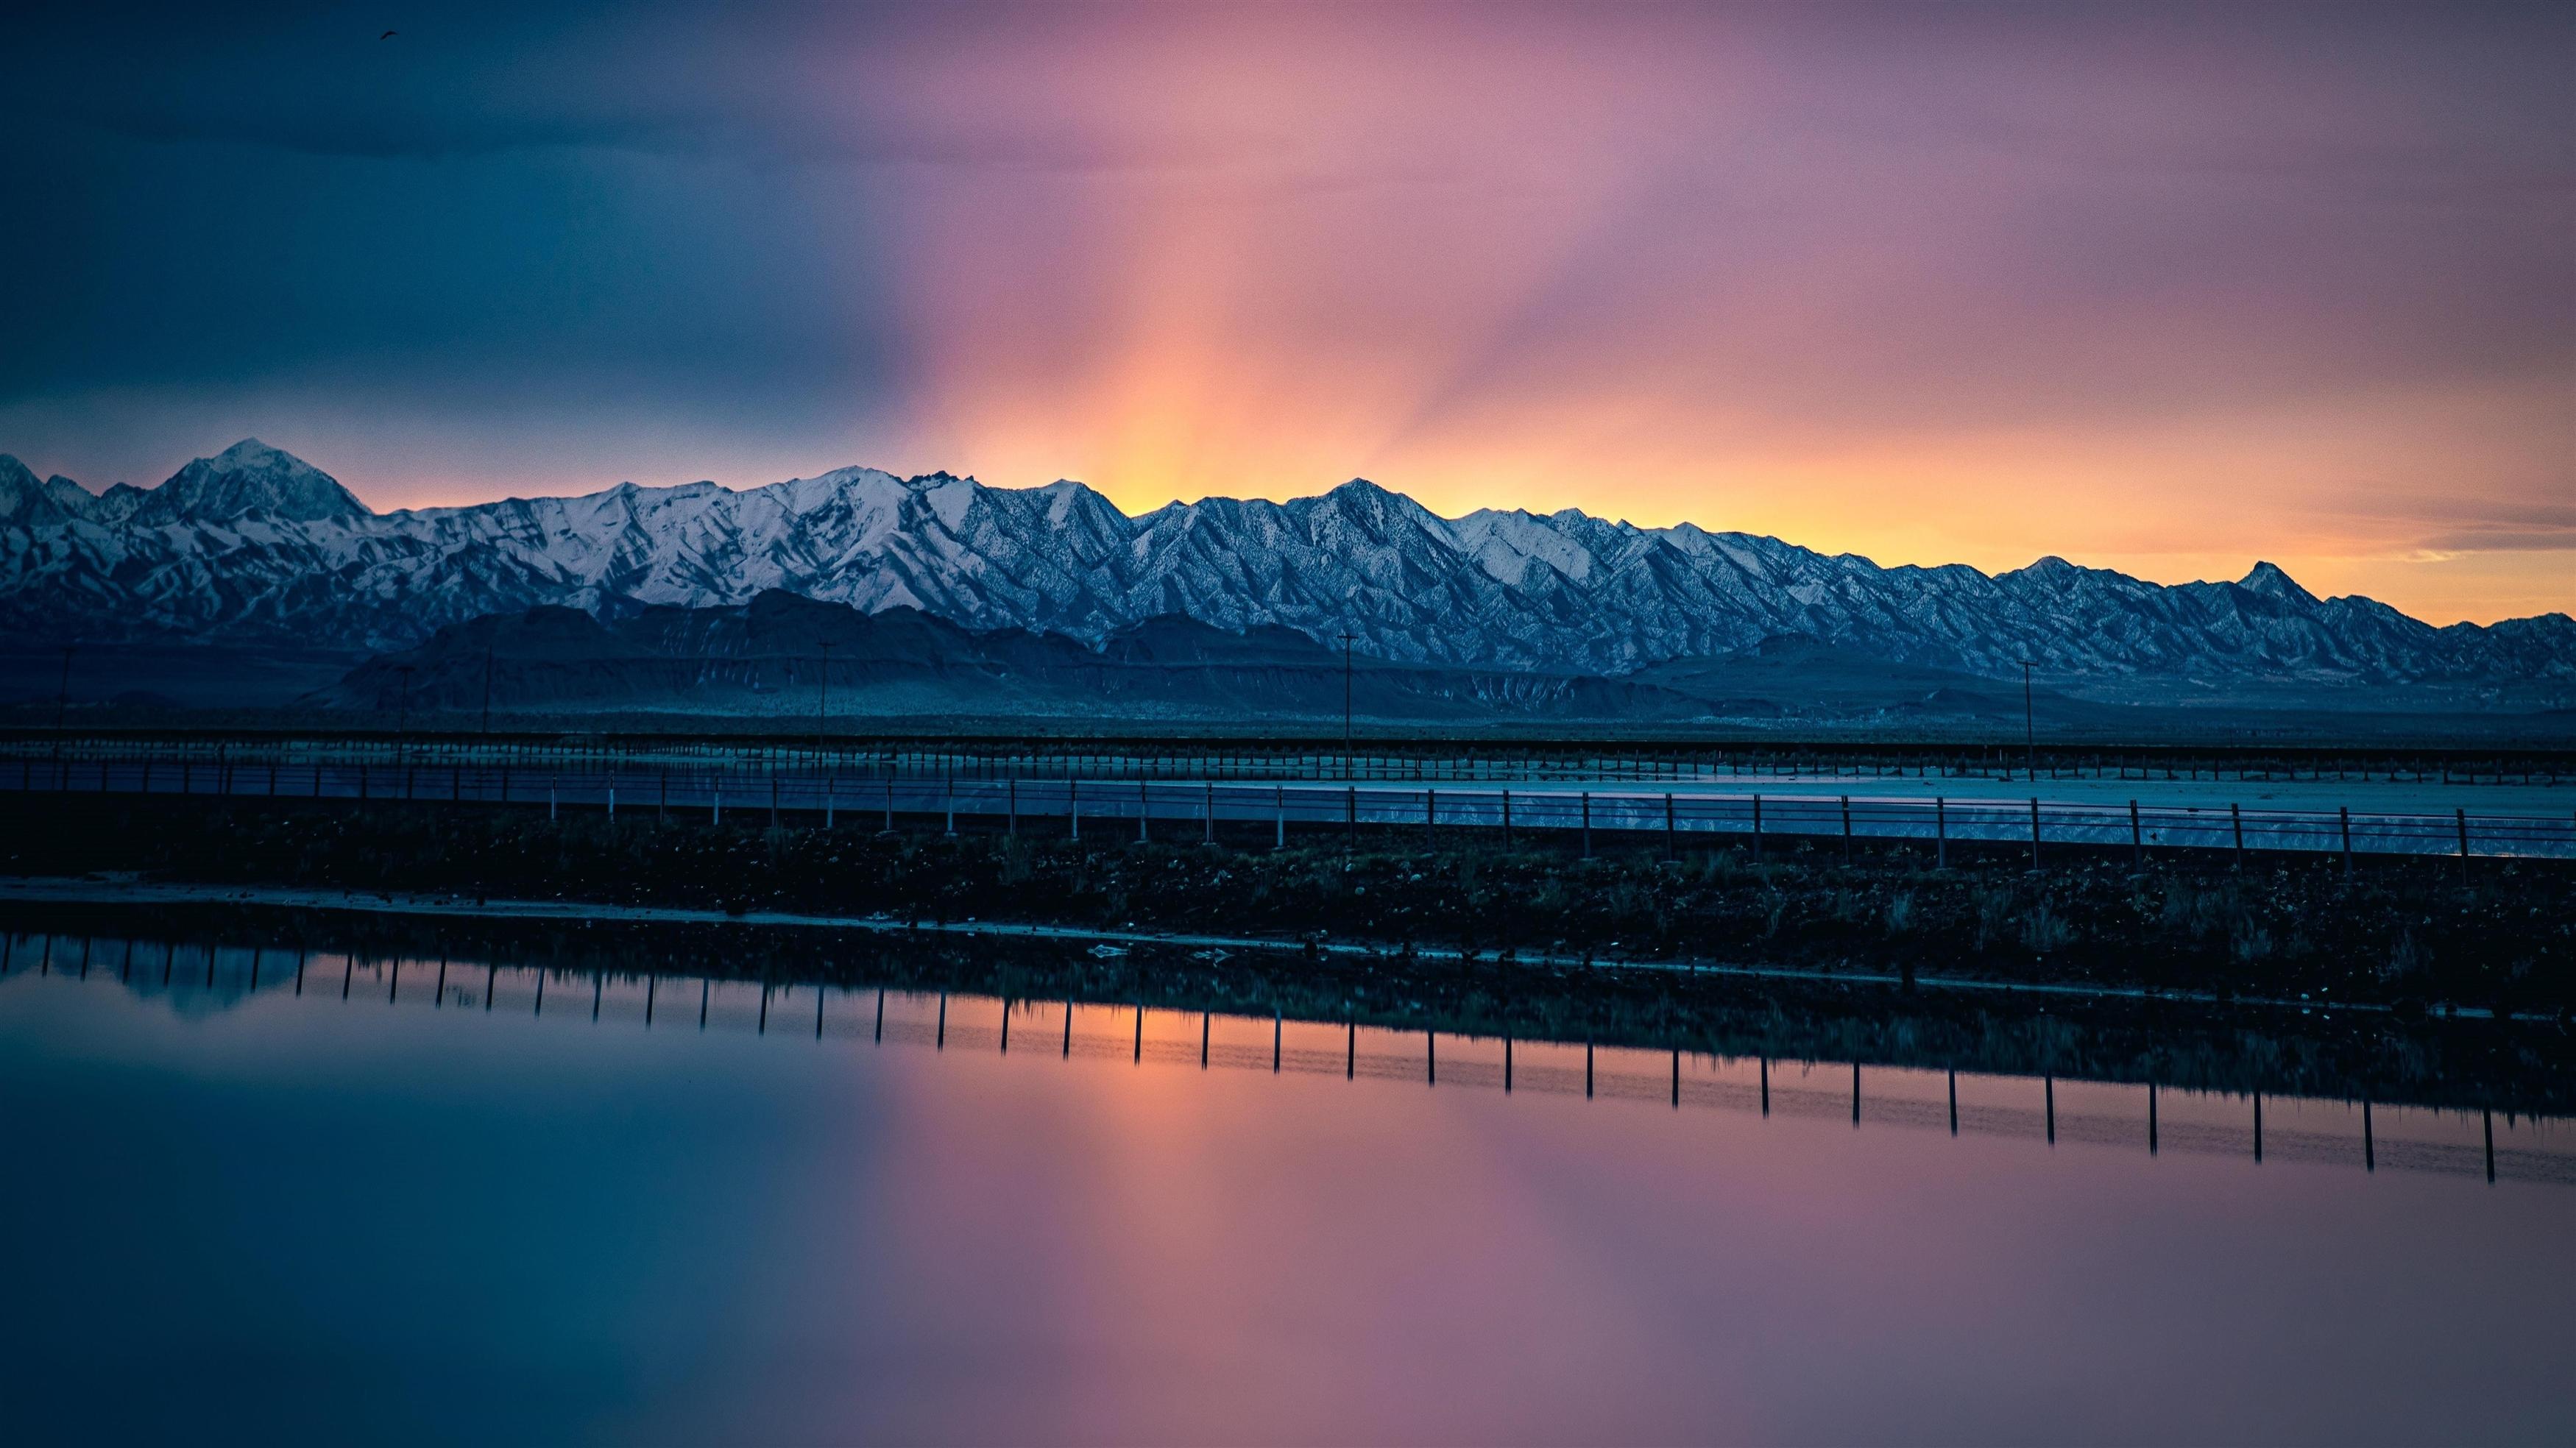 Sunset mountains lake обои скачать